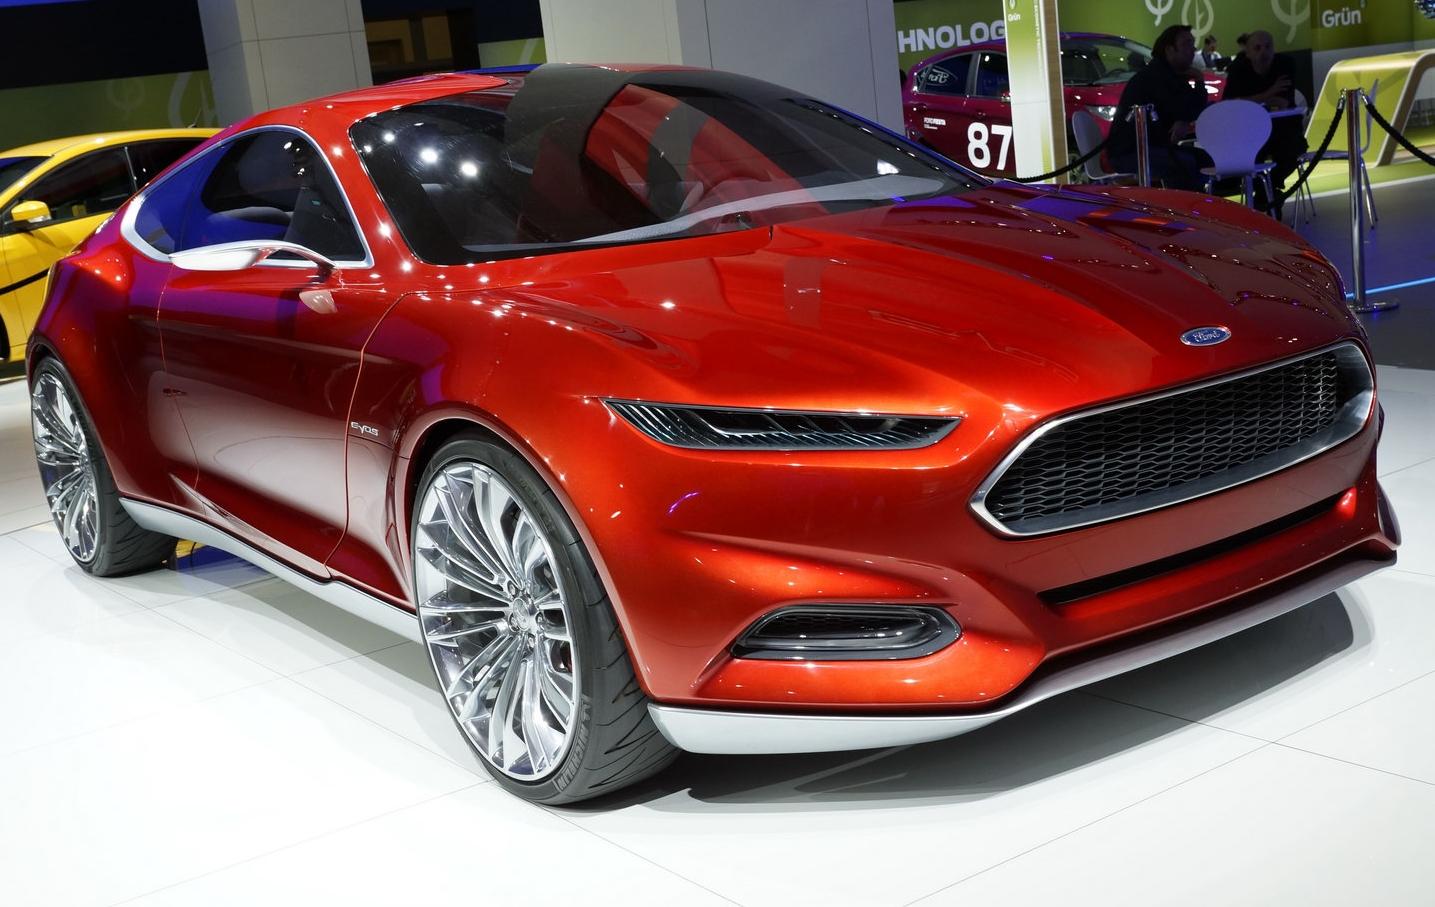 new car models ford mustang 2014. Black Bedroom Furniture Sets. Home Design Ideas